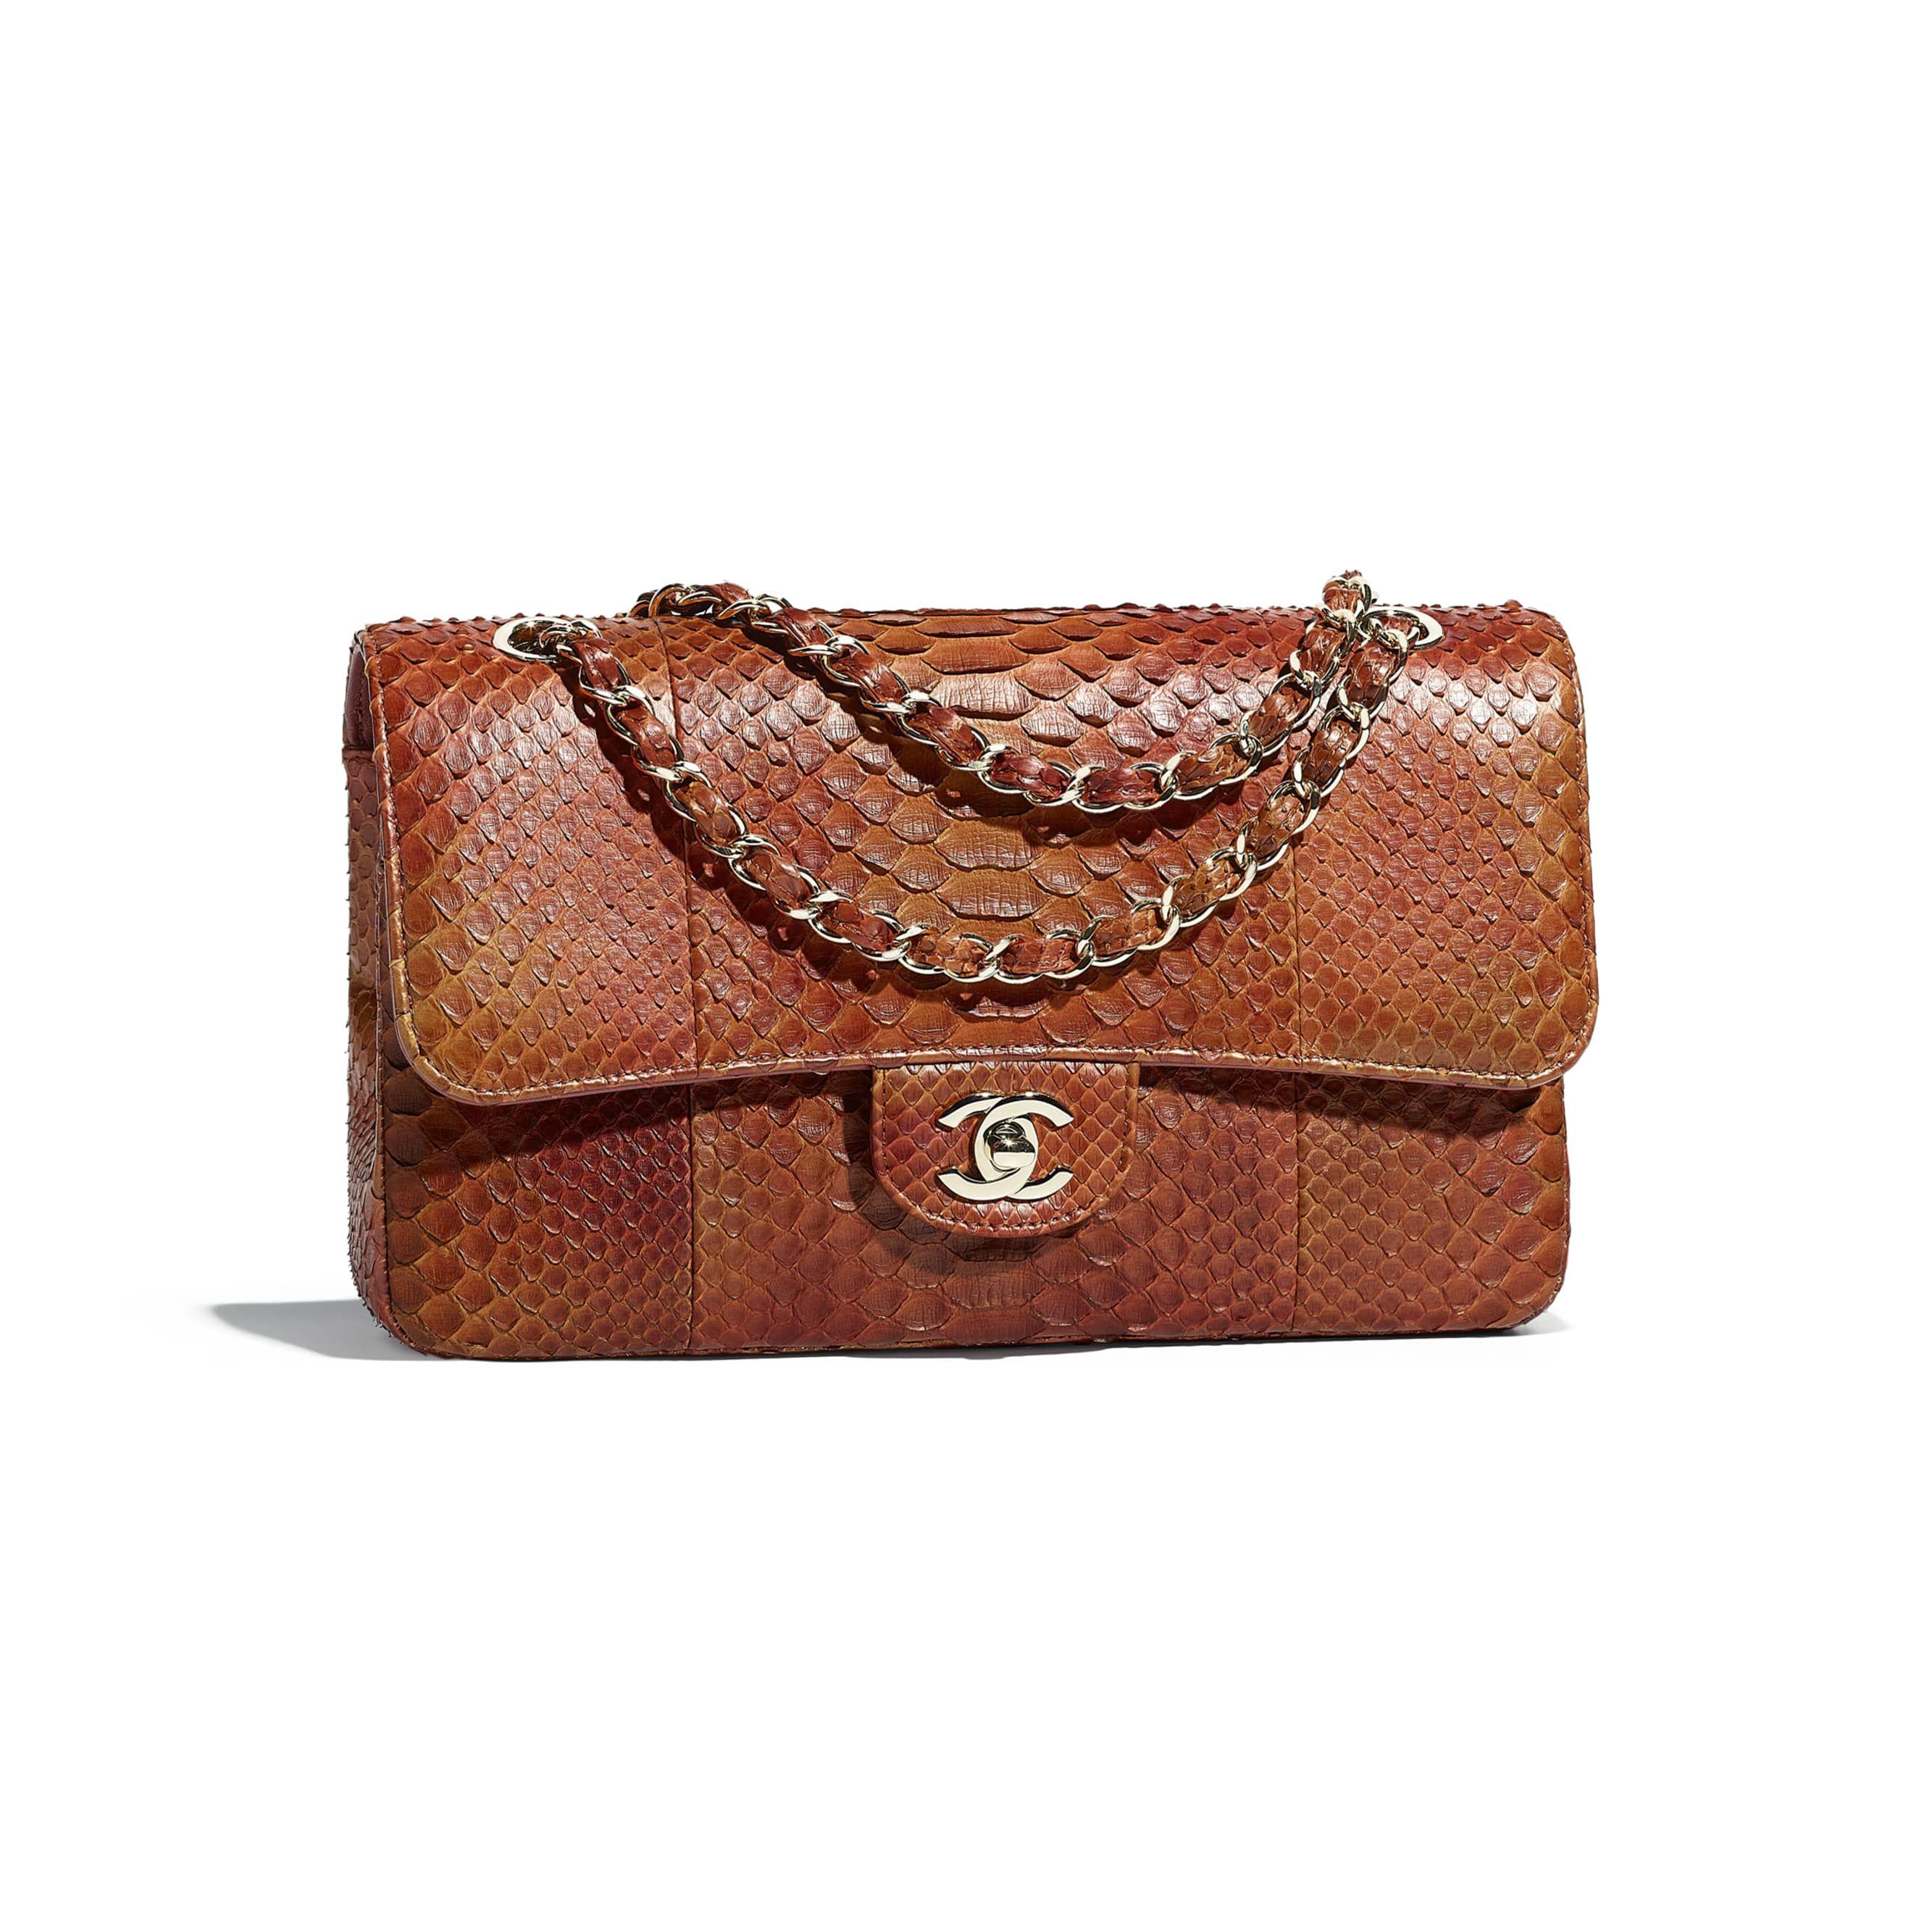 3f48a2159af7 Chanel - Python   gold-tone metal dark orange classic handbag ( 10